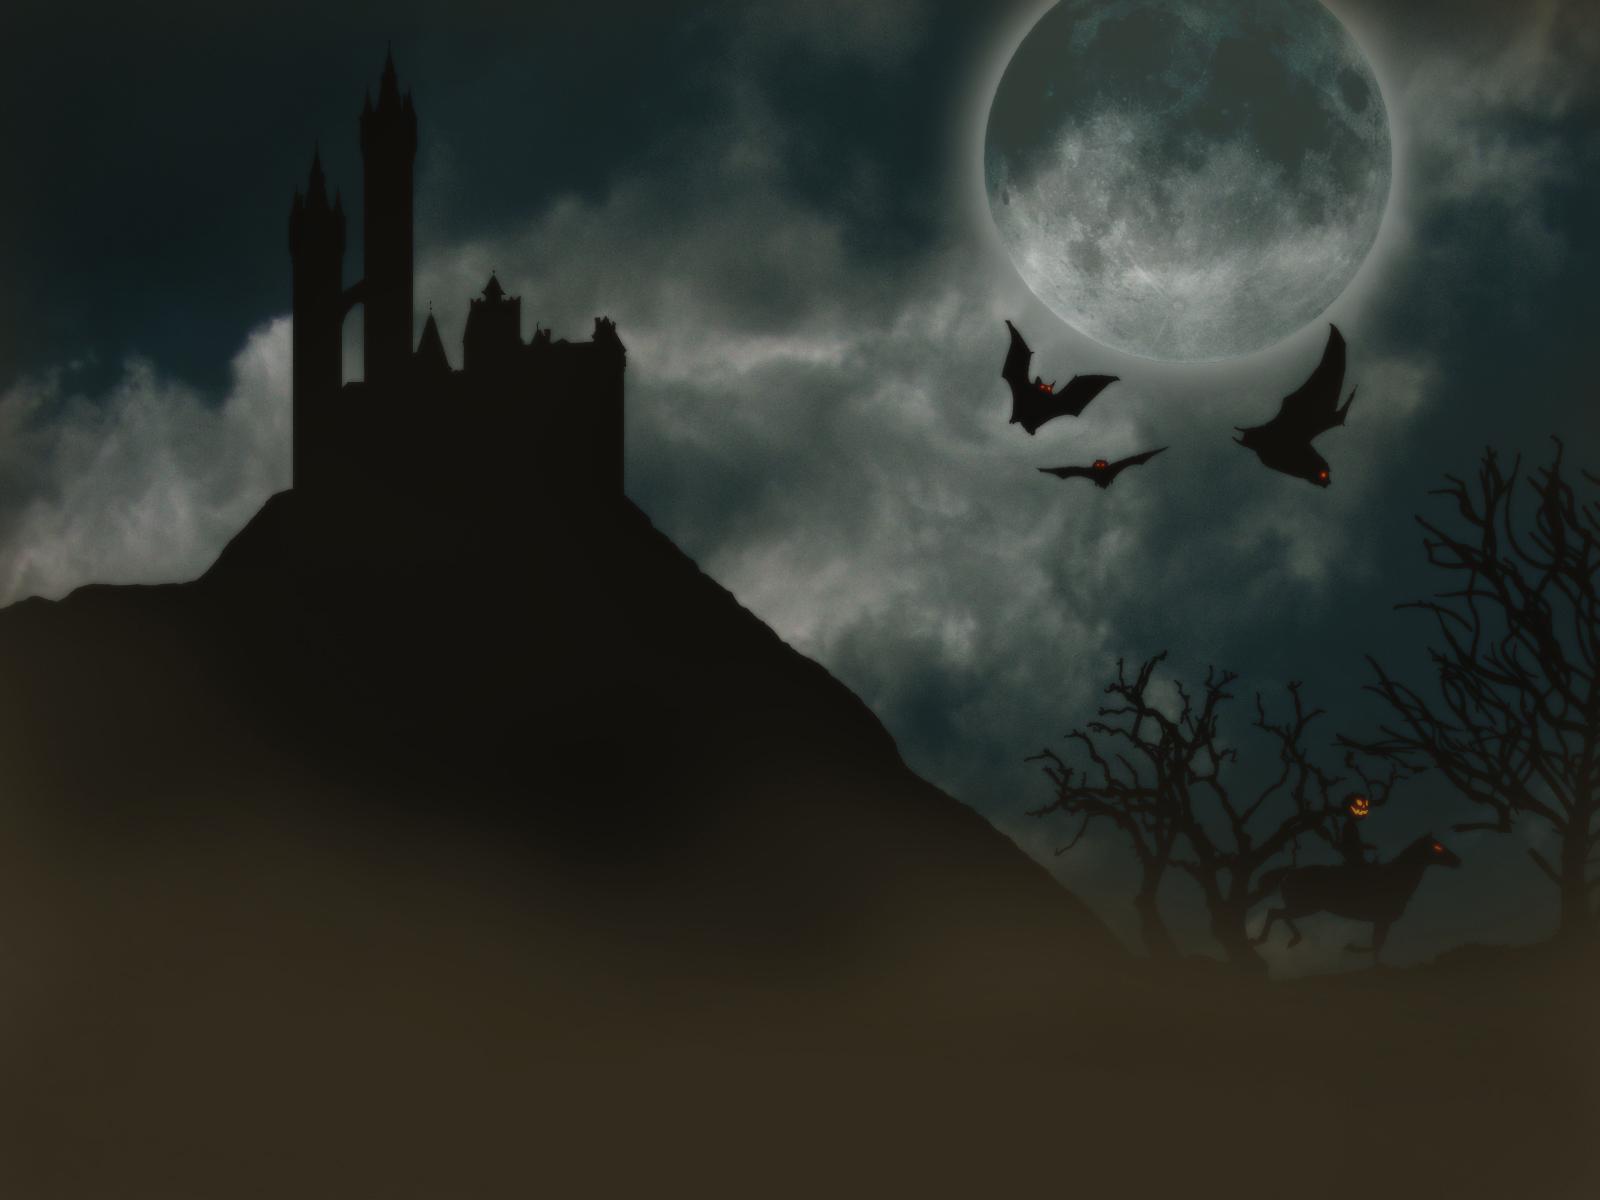 Halloween-X2 by rax001